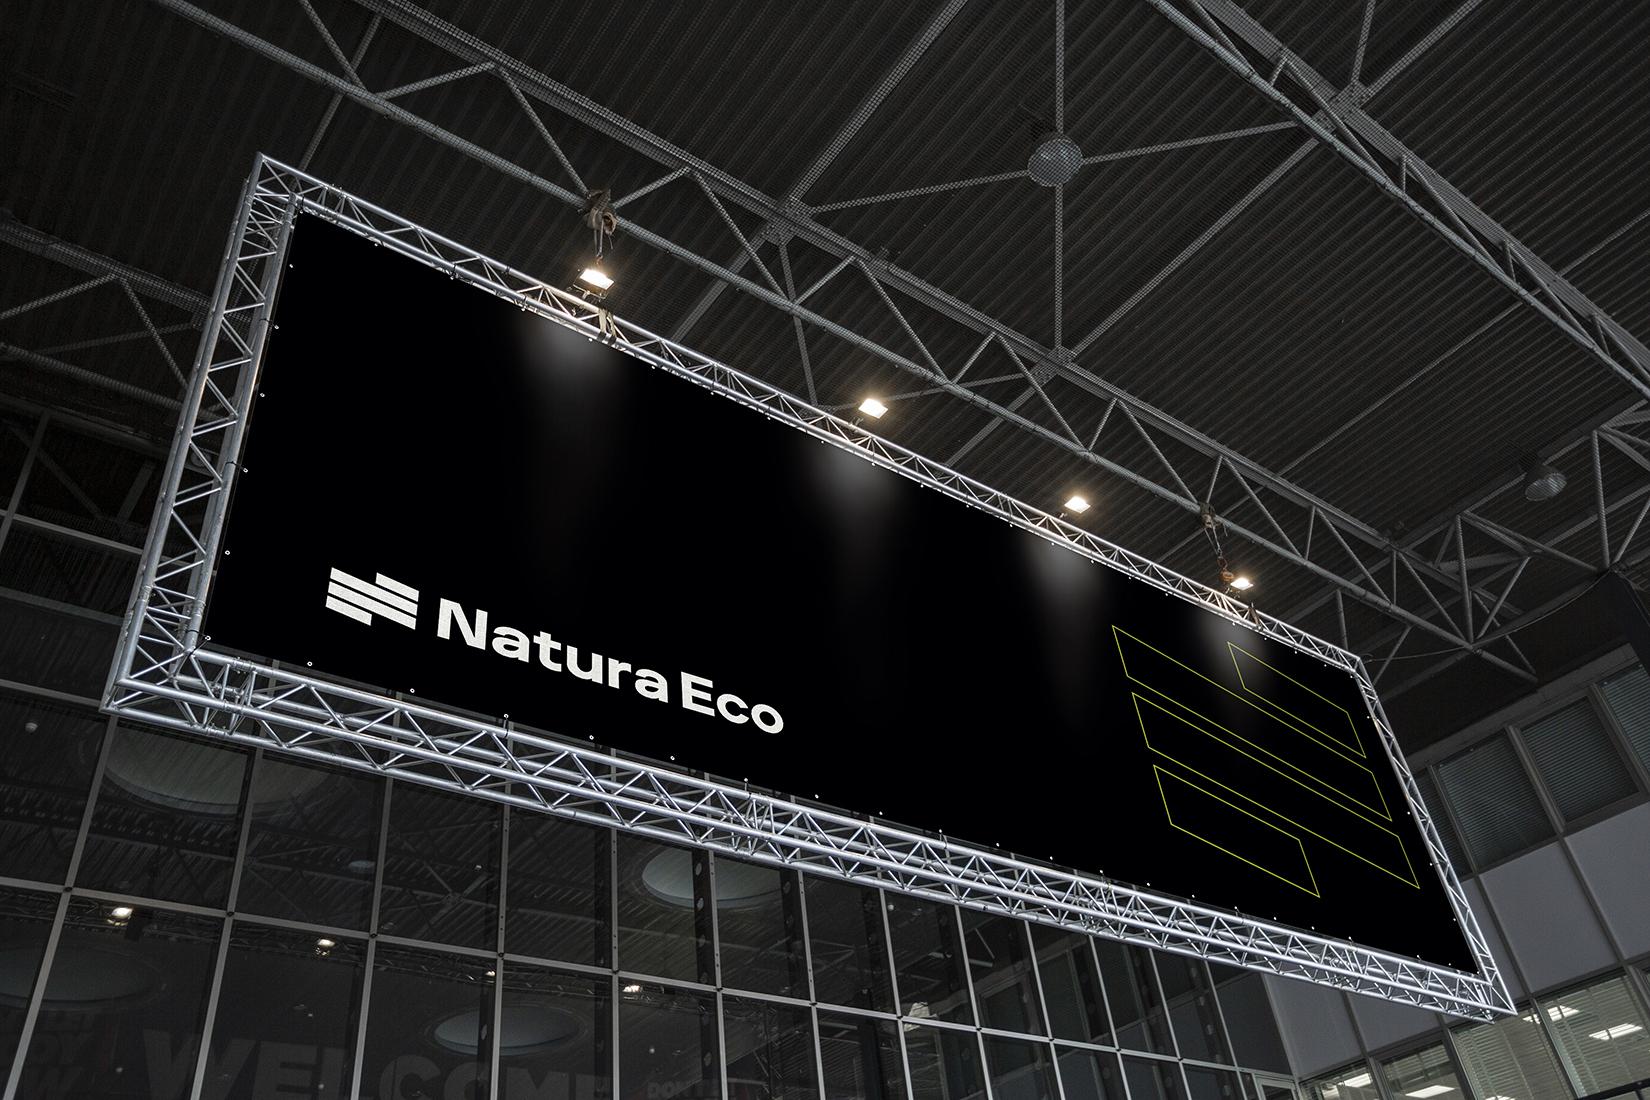 Natura Eco Billboard